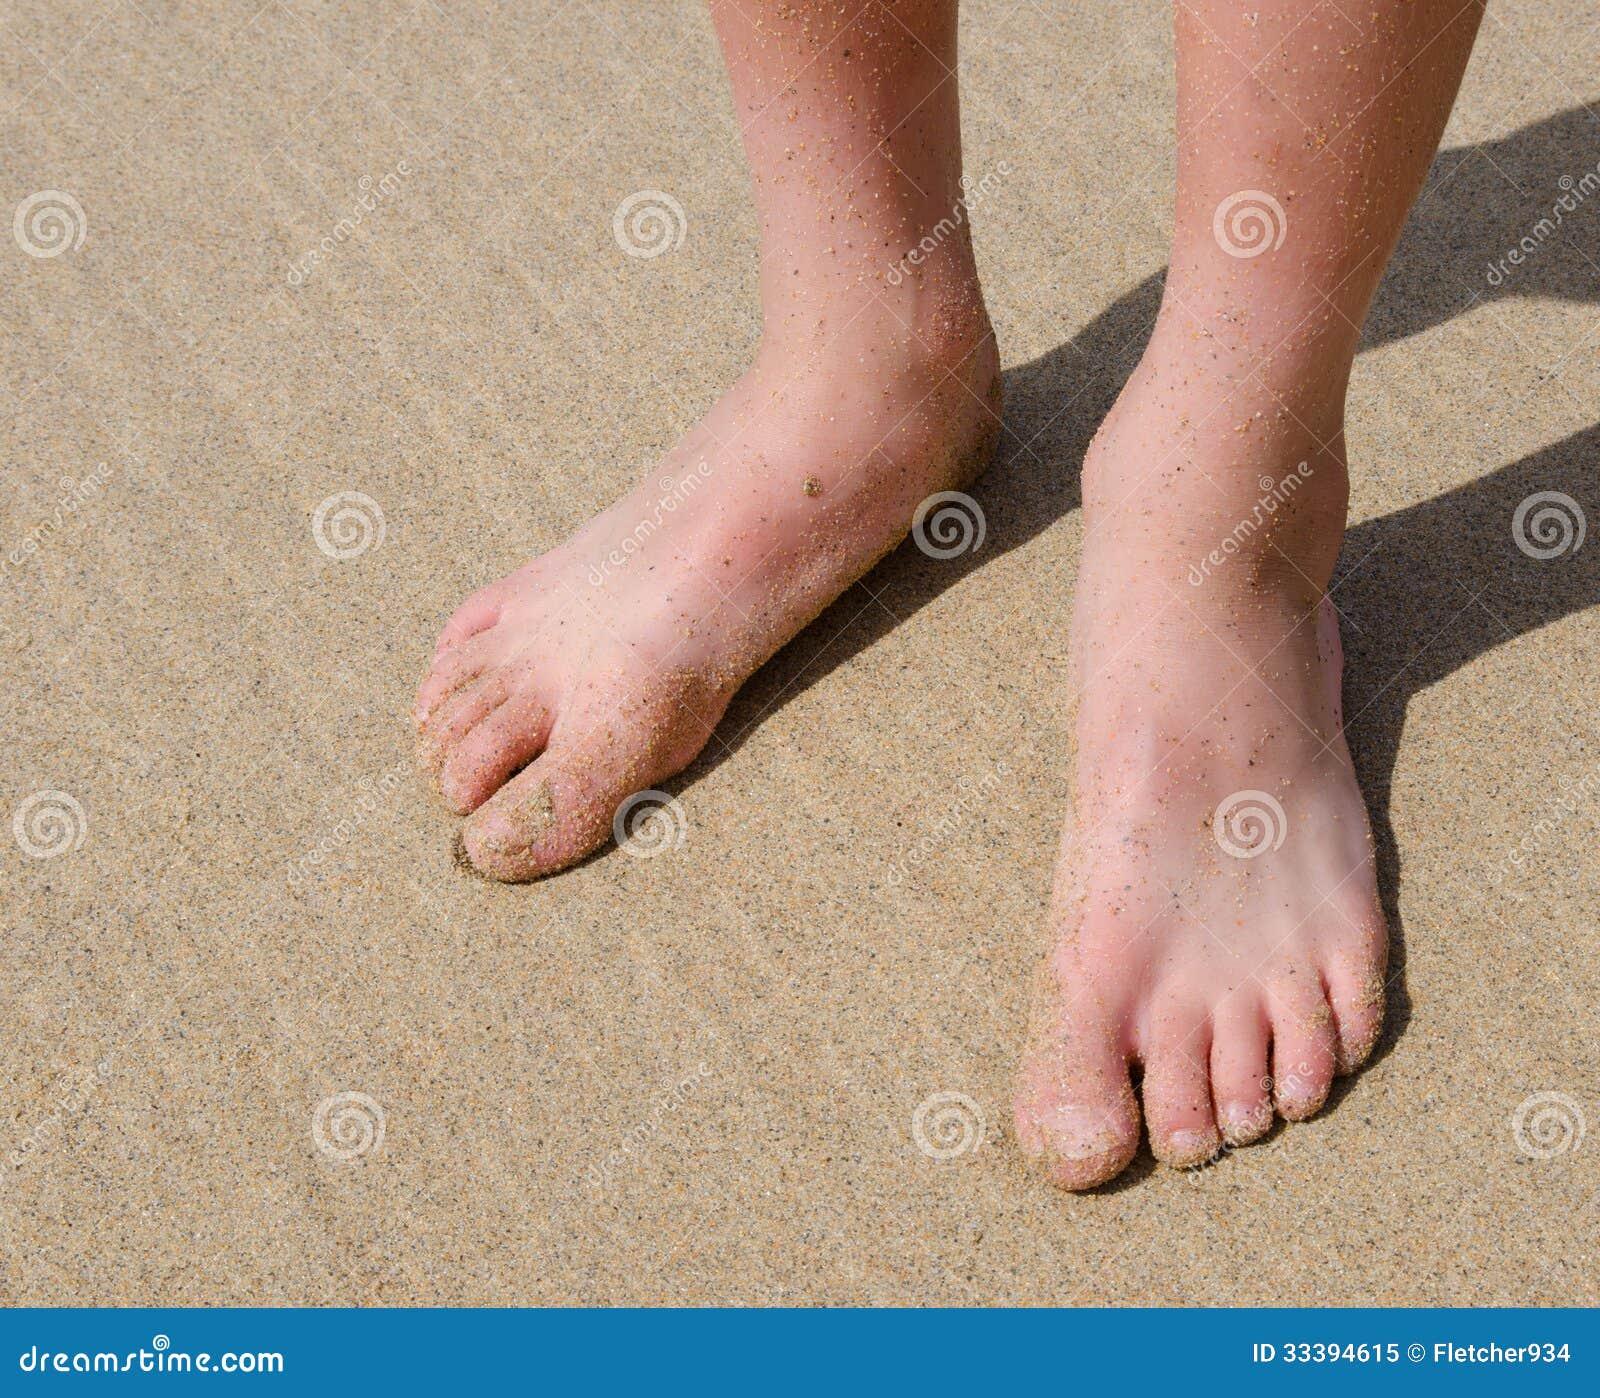 Boys Feet On Sand